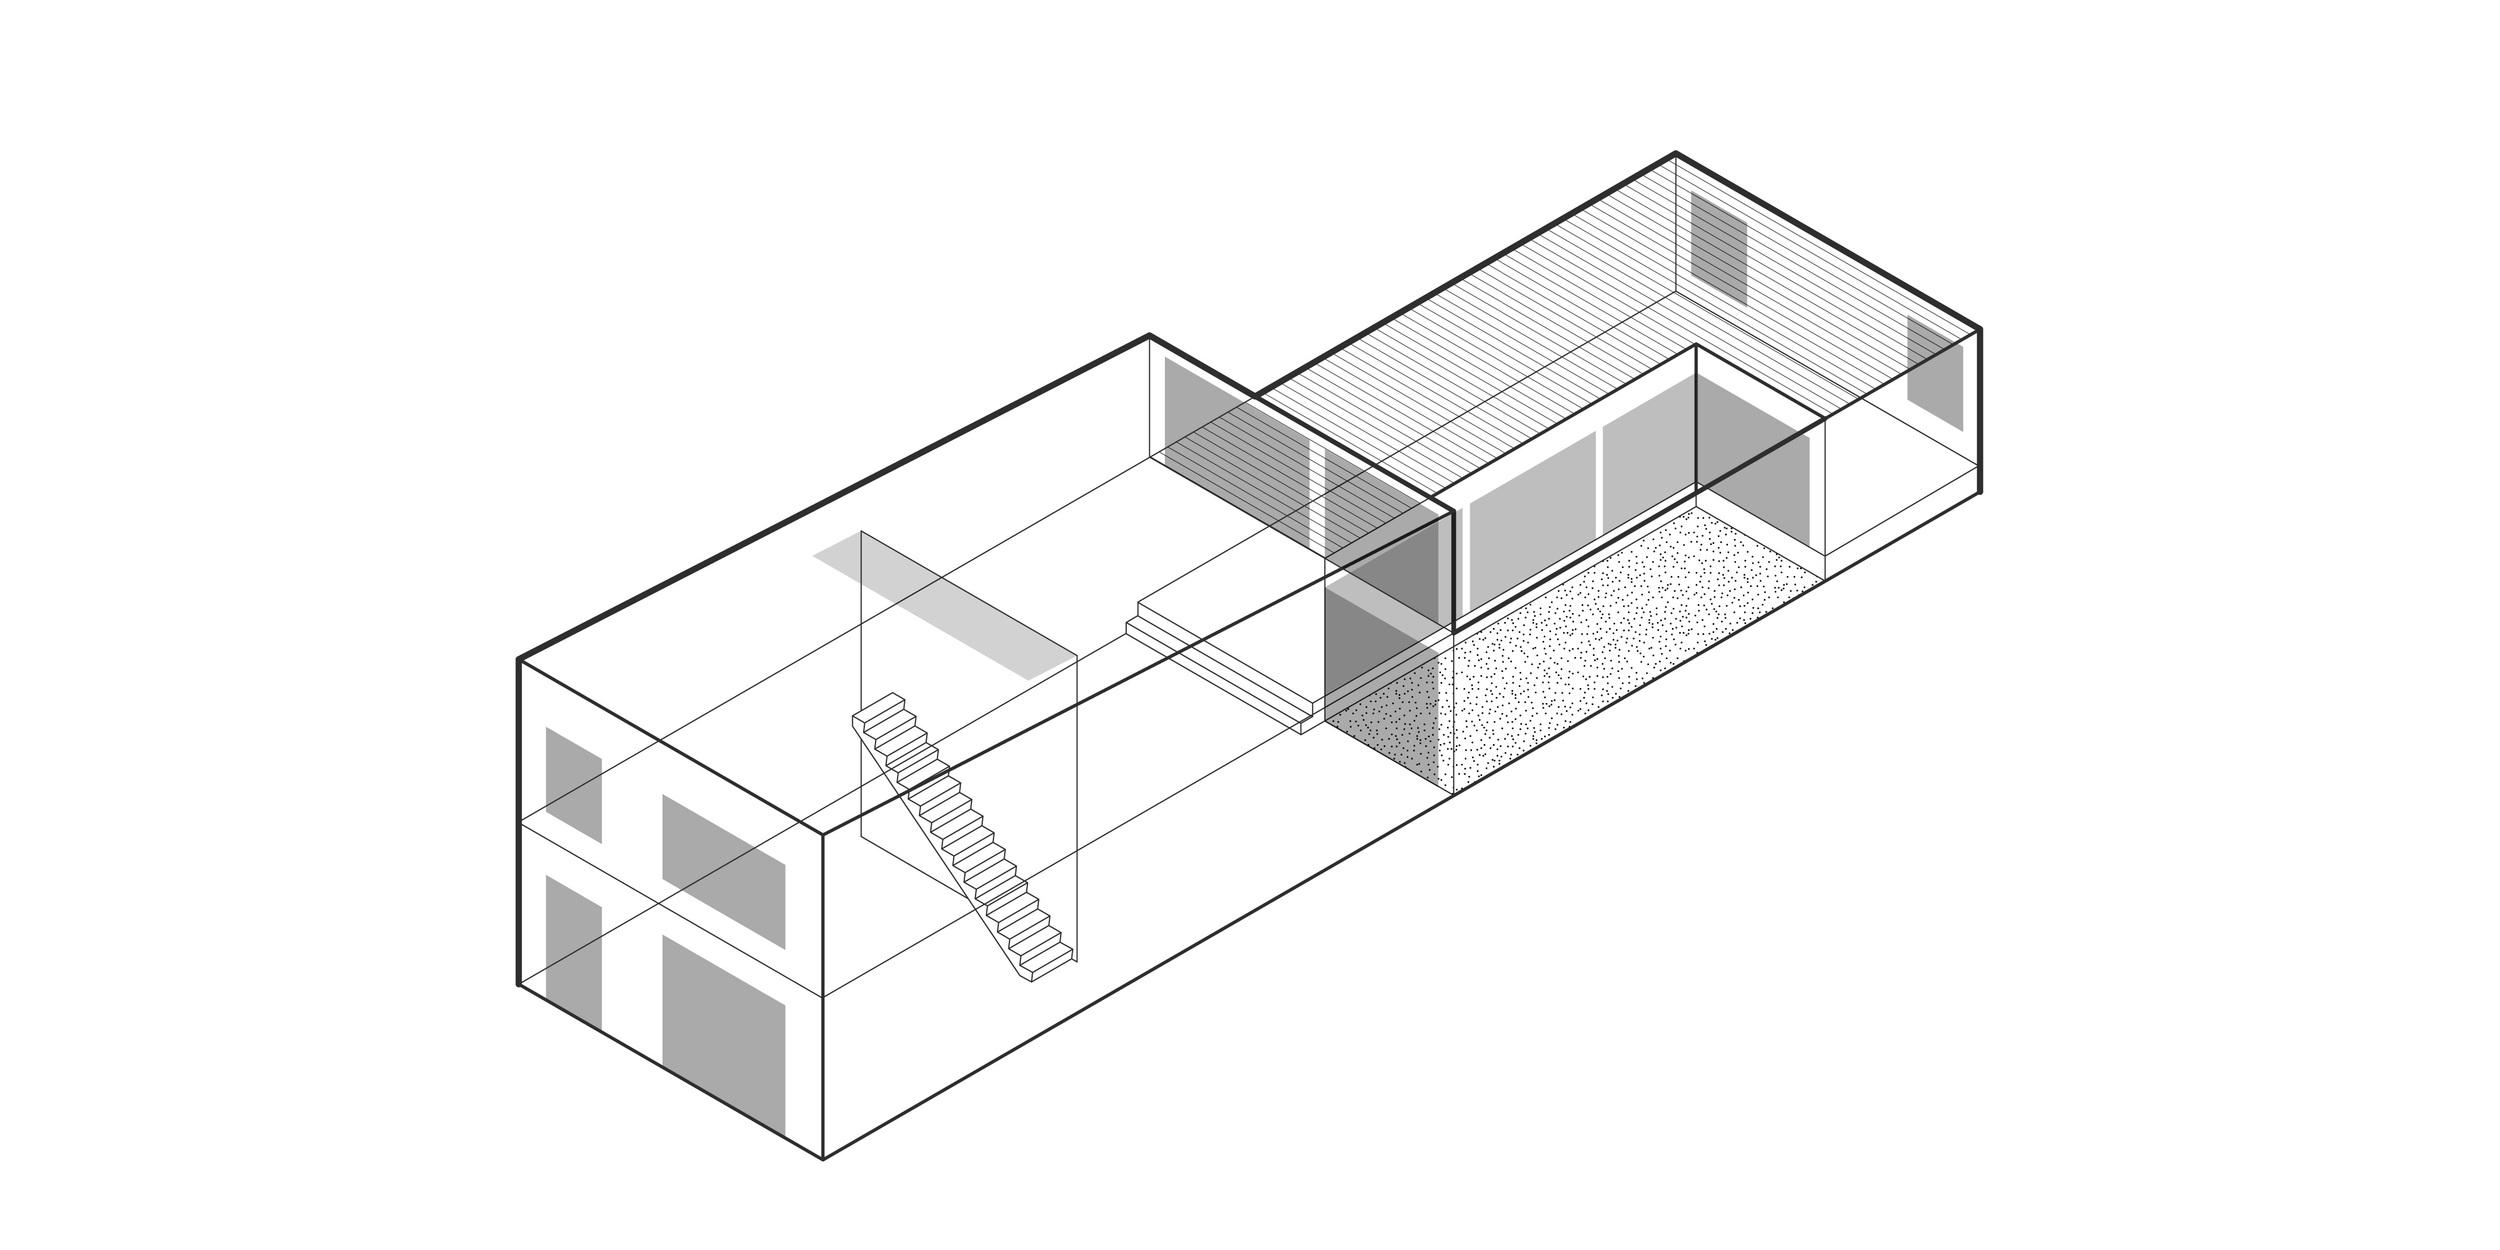 307_3rd-SD-160413-Diagram-09-01.jpg